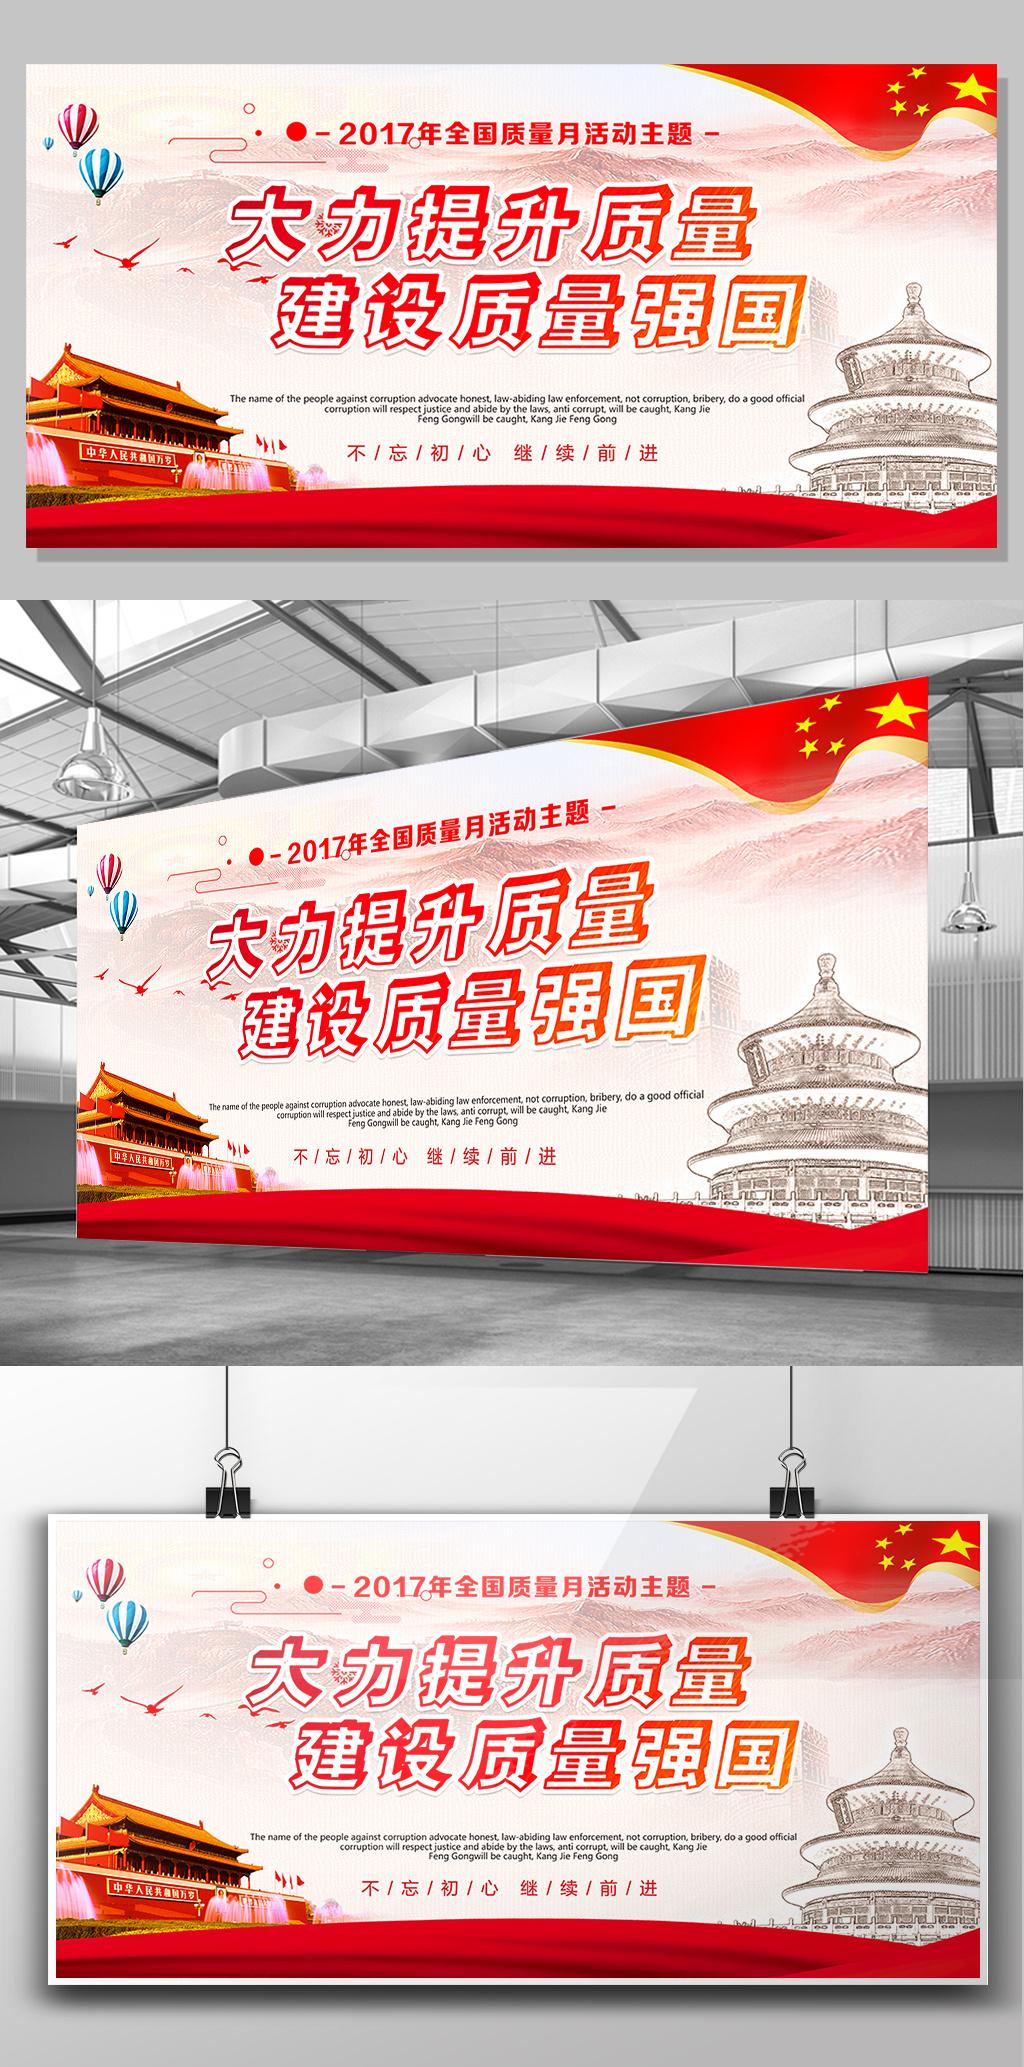 精品2017質量月海報宣傳展板設計圖片素材 高清PSD模板下載 234.71